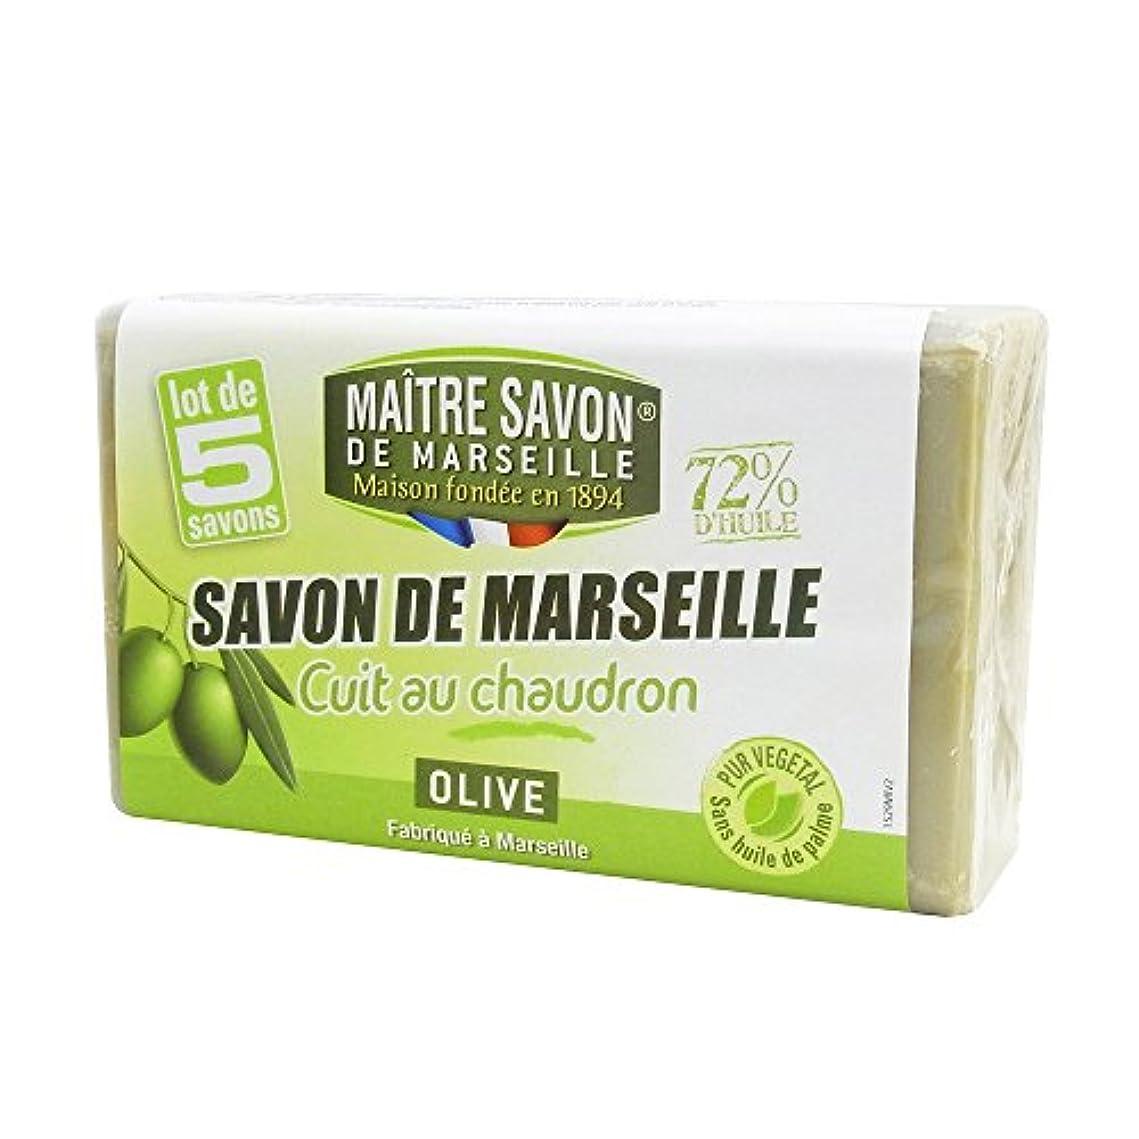 登録する唯物論改善するMaitre Savon de Marseille(メートル?サボン?ド?マルセイユ) サボン?ド?マルセイユ オリーブ 100g×5個